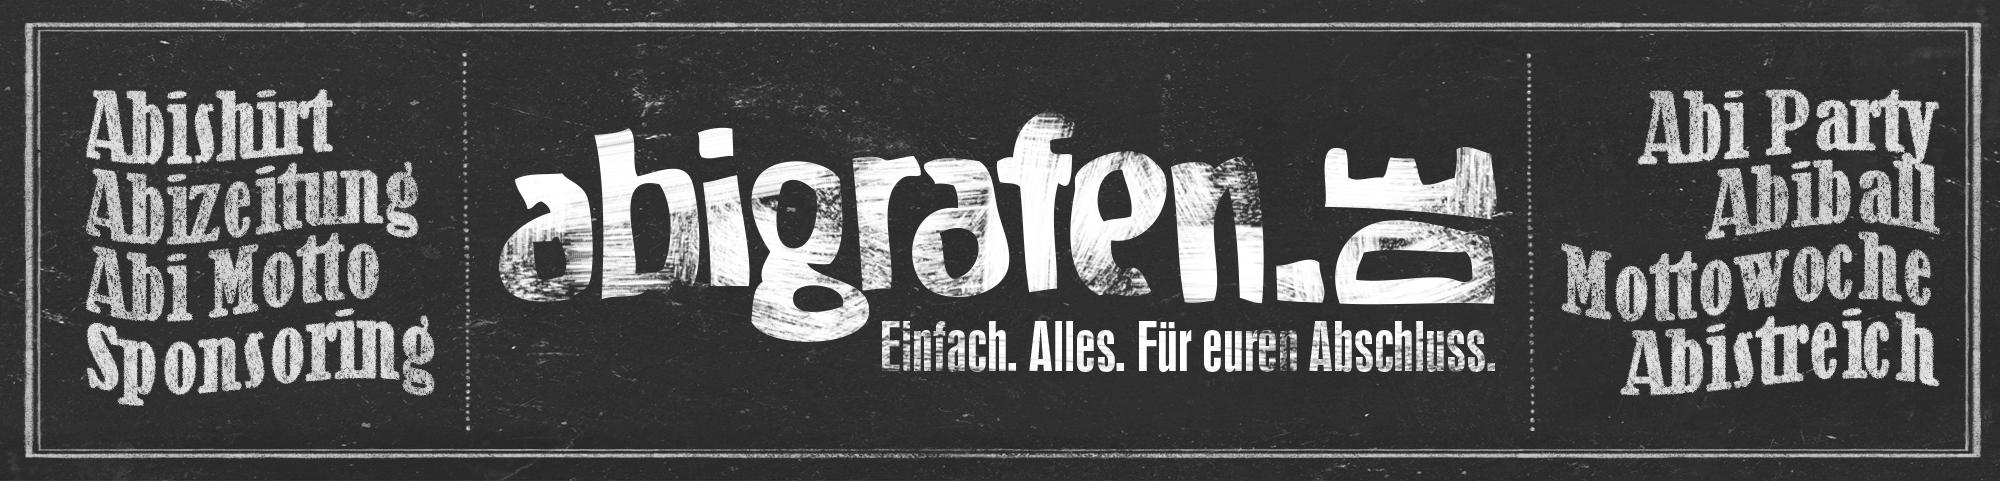 Überblick Leistungen abigrafen.de (Abi Druckerei/Designer)